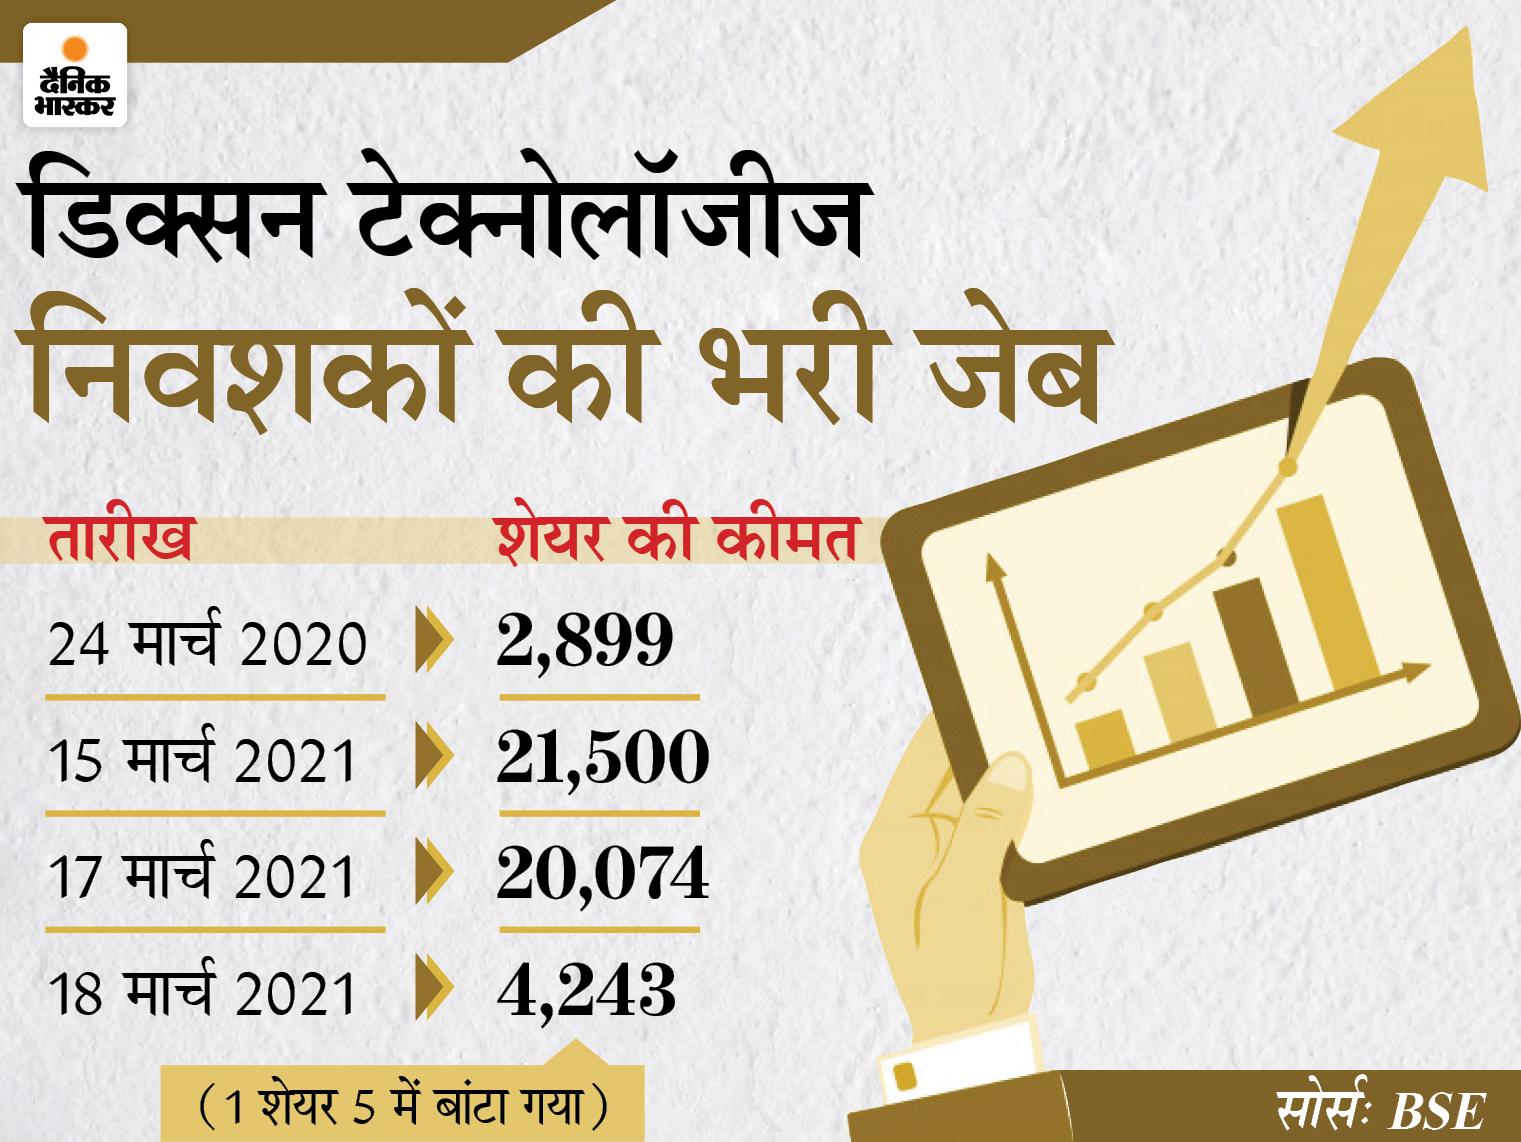 20 हजार का शेयर अब मिल रहा है 4235 रुपए में; गिरते बाजार में करीब 6% चढ़ा, जानिए आगे कैसी होगी चाल बिजनेस,Business - Dainik Bhaskar